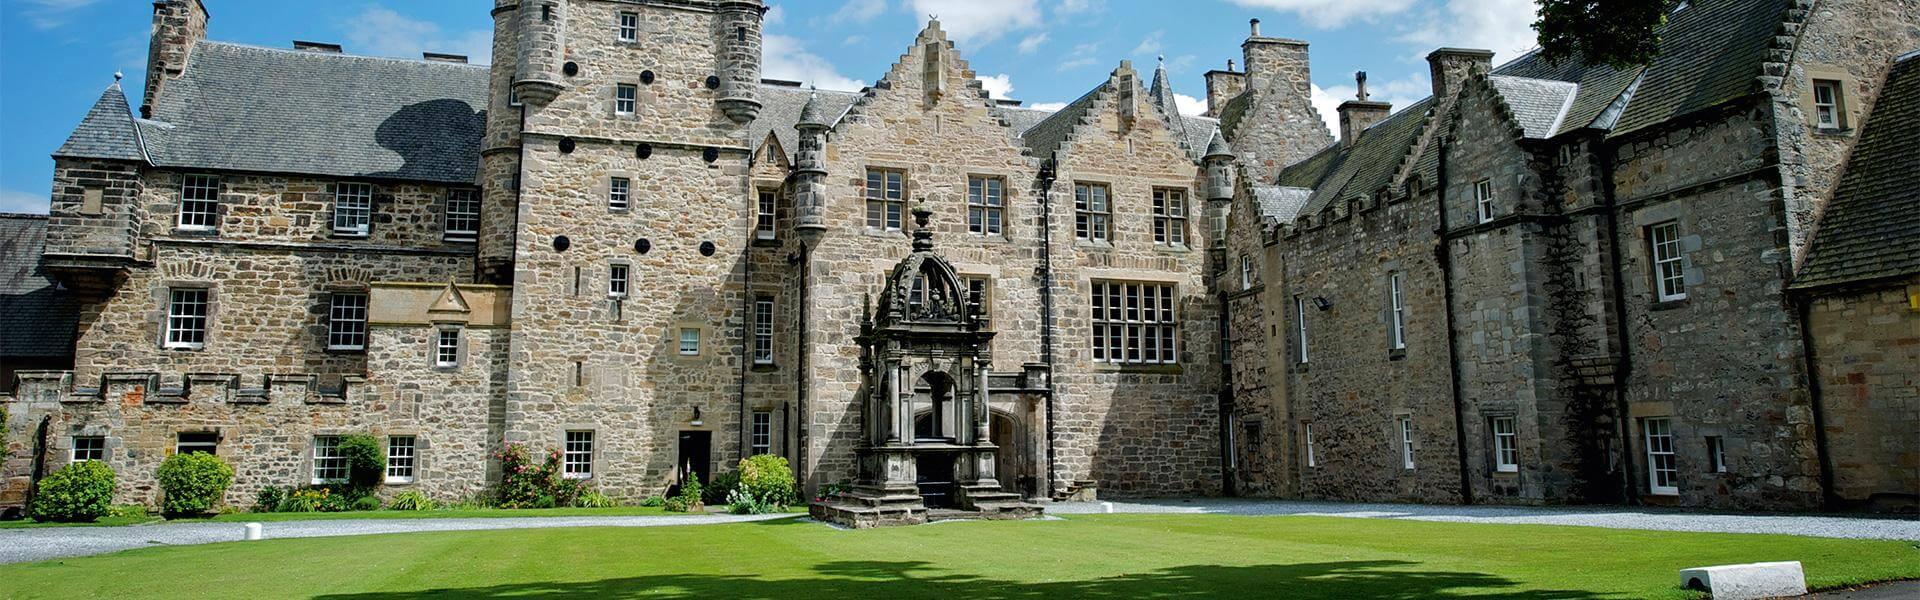 La scuola Loretto, vicino a Edimburgo